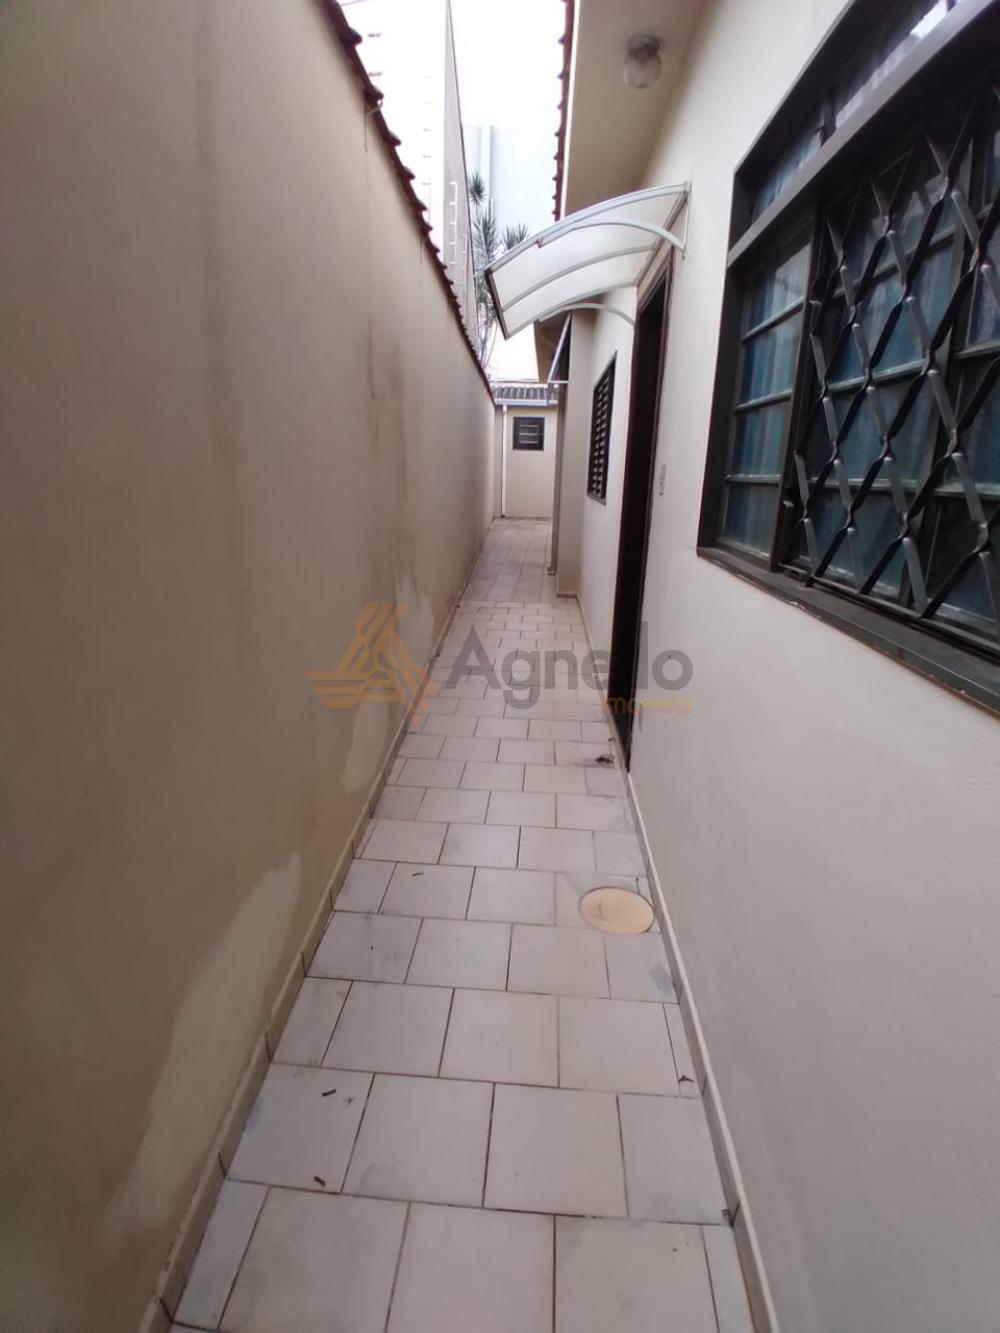 Comprar Casa / Padrão em Franca R$ 290.000,00 - Foto 9